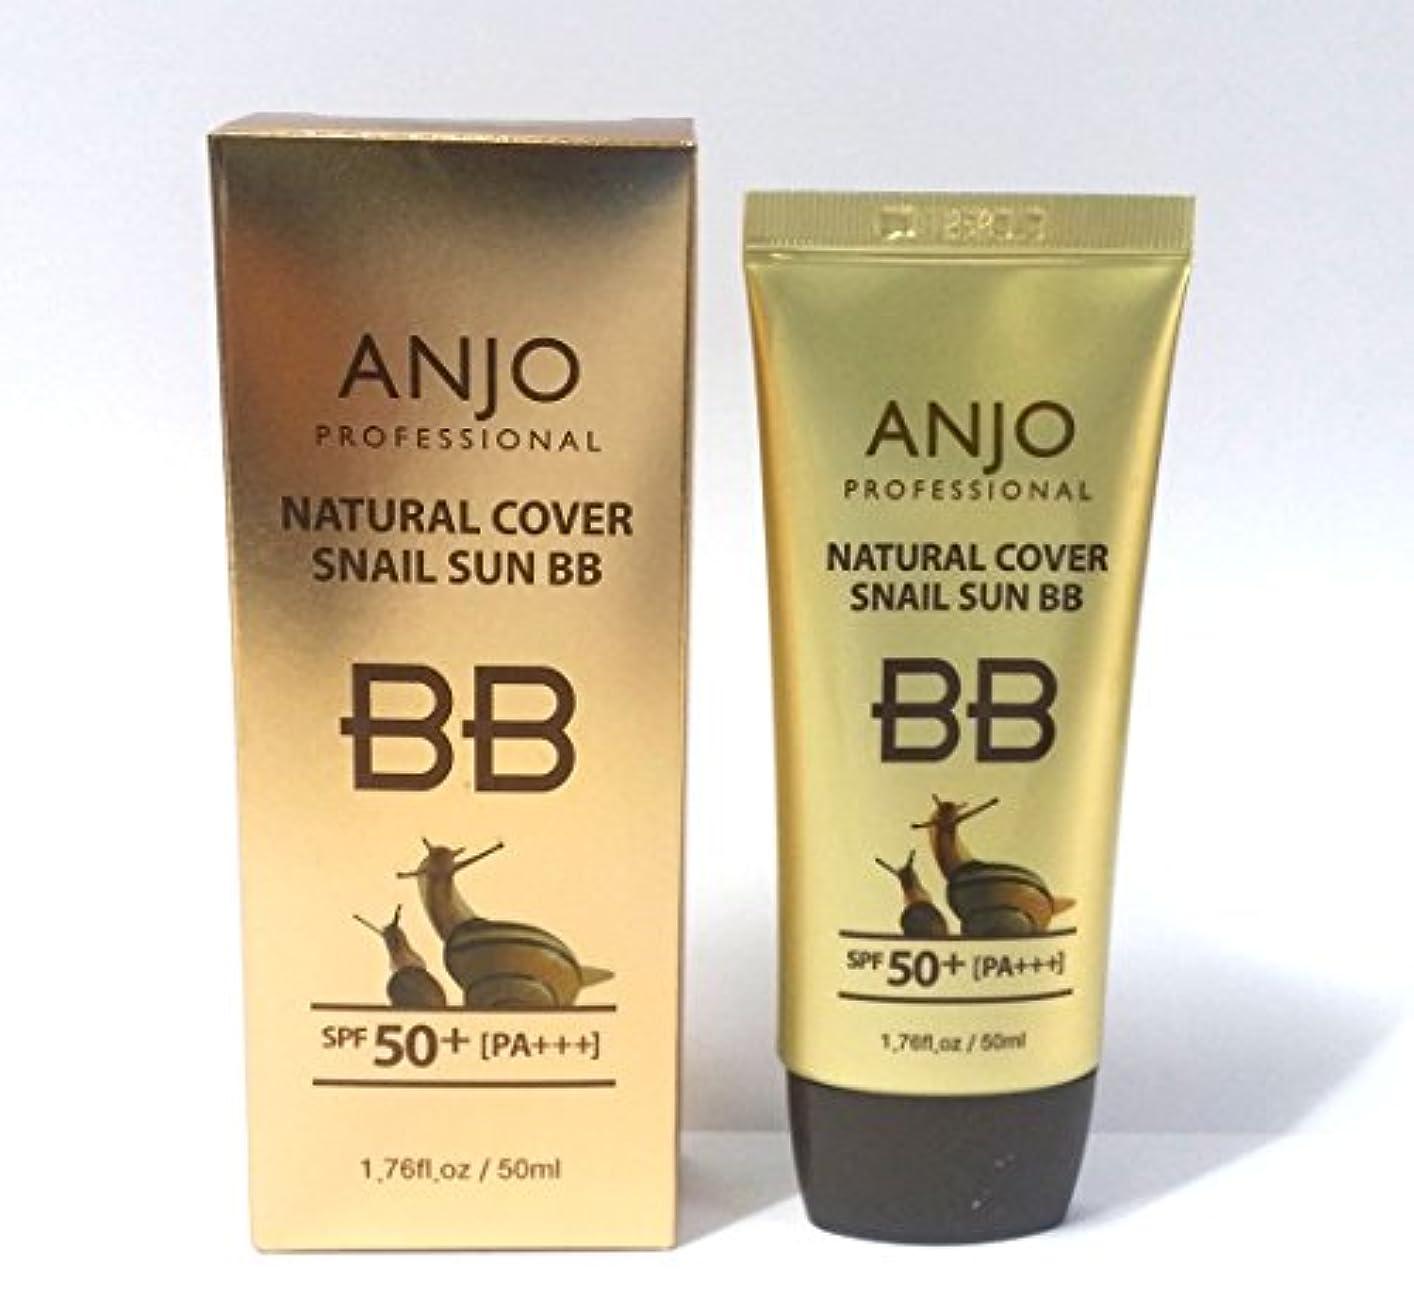 遷移落胆する成り立つ[ANJO] ナチュラルカバーカタツムリサンBBクリームSPF 50 + PA +++ 50ml X 6EA /メイクアップベース/カタツムリ粘液 / Natural Cover Snail Sun BB Cream SPF...